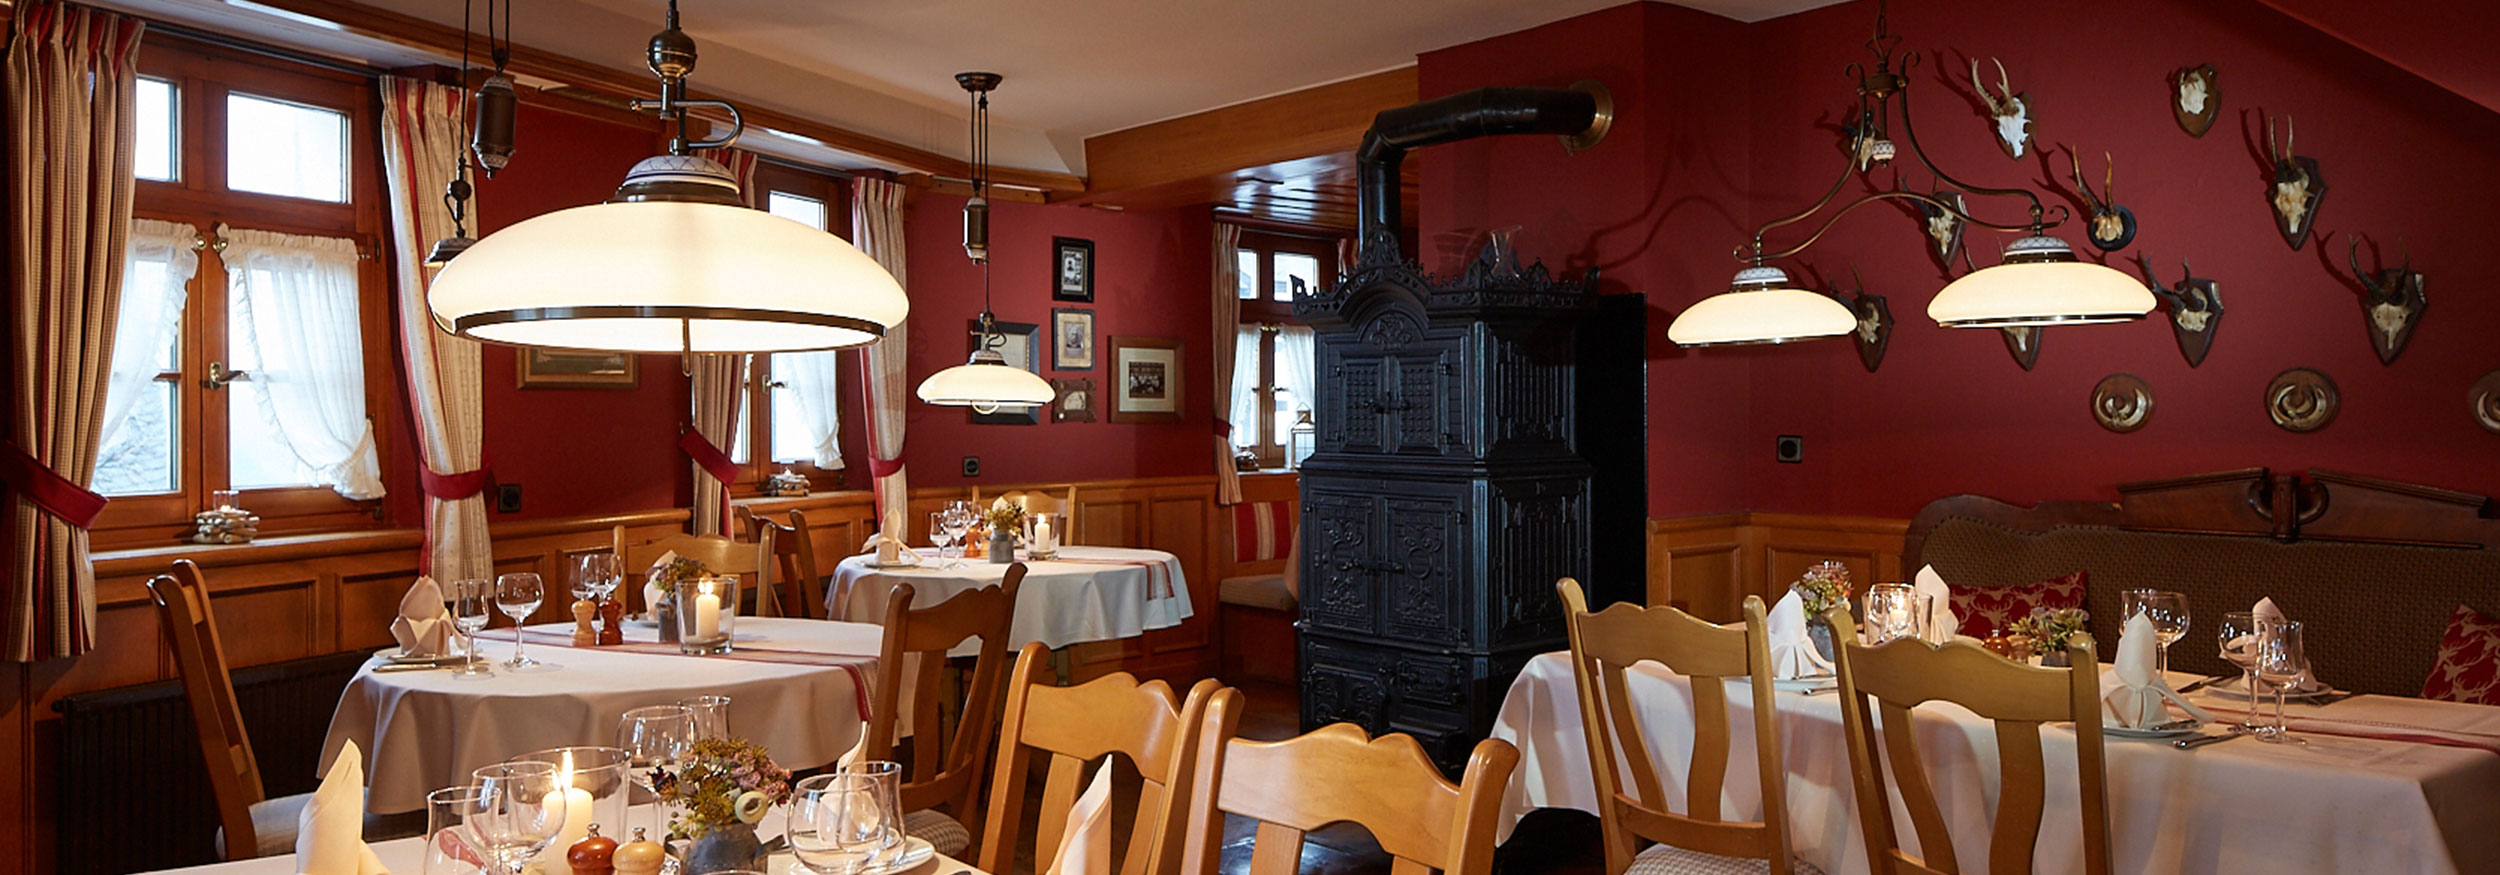 Landhotel und Gasthof Cramer Räumlichkeiten Restaurant Ansicht 1